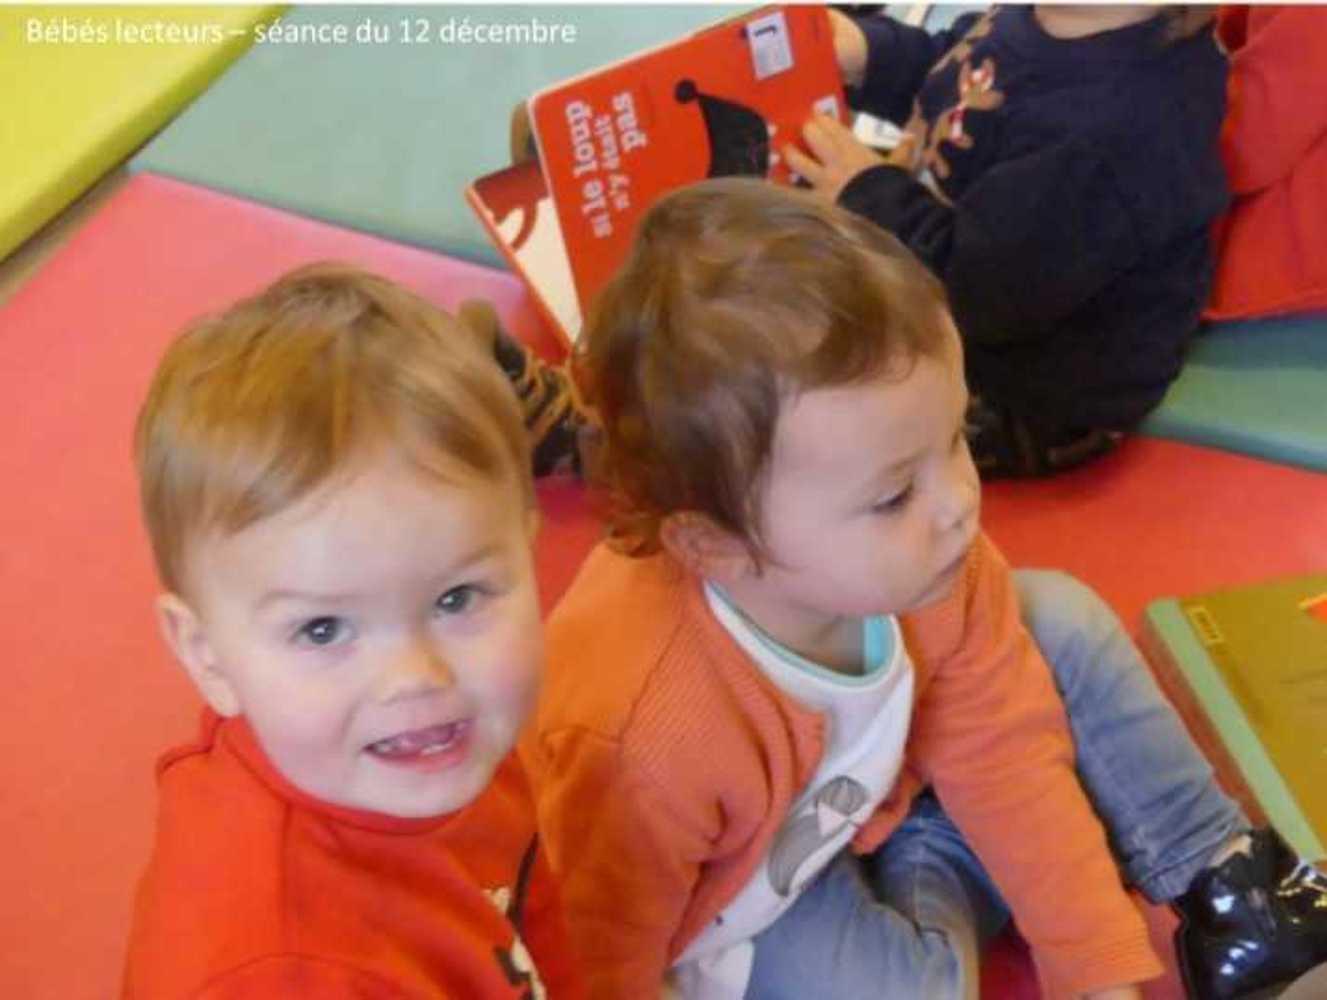 Photos et vidéo de la séance des bébés lecteurs du 12 décembre image4